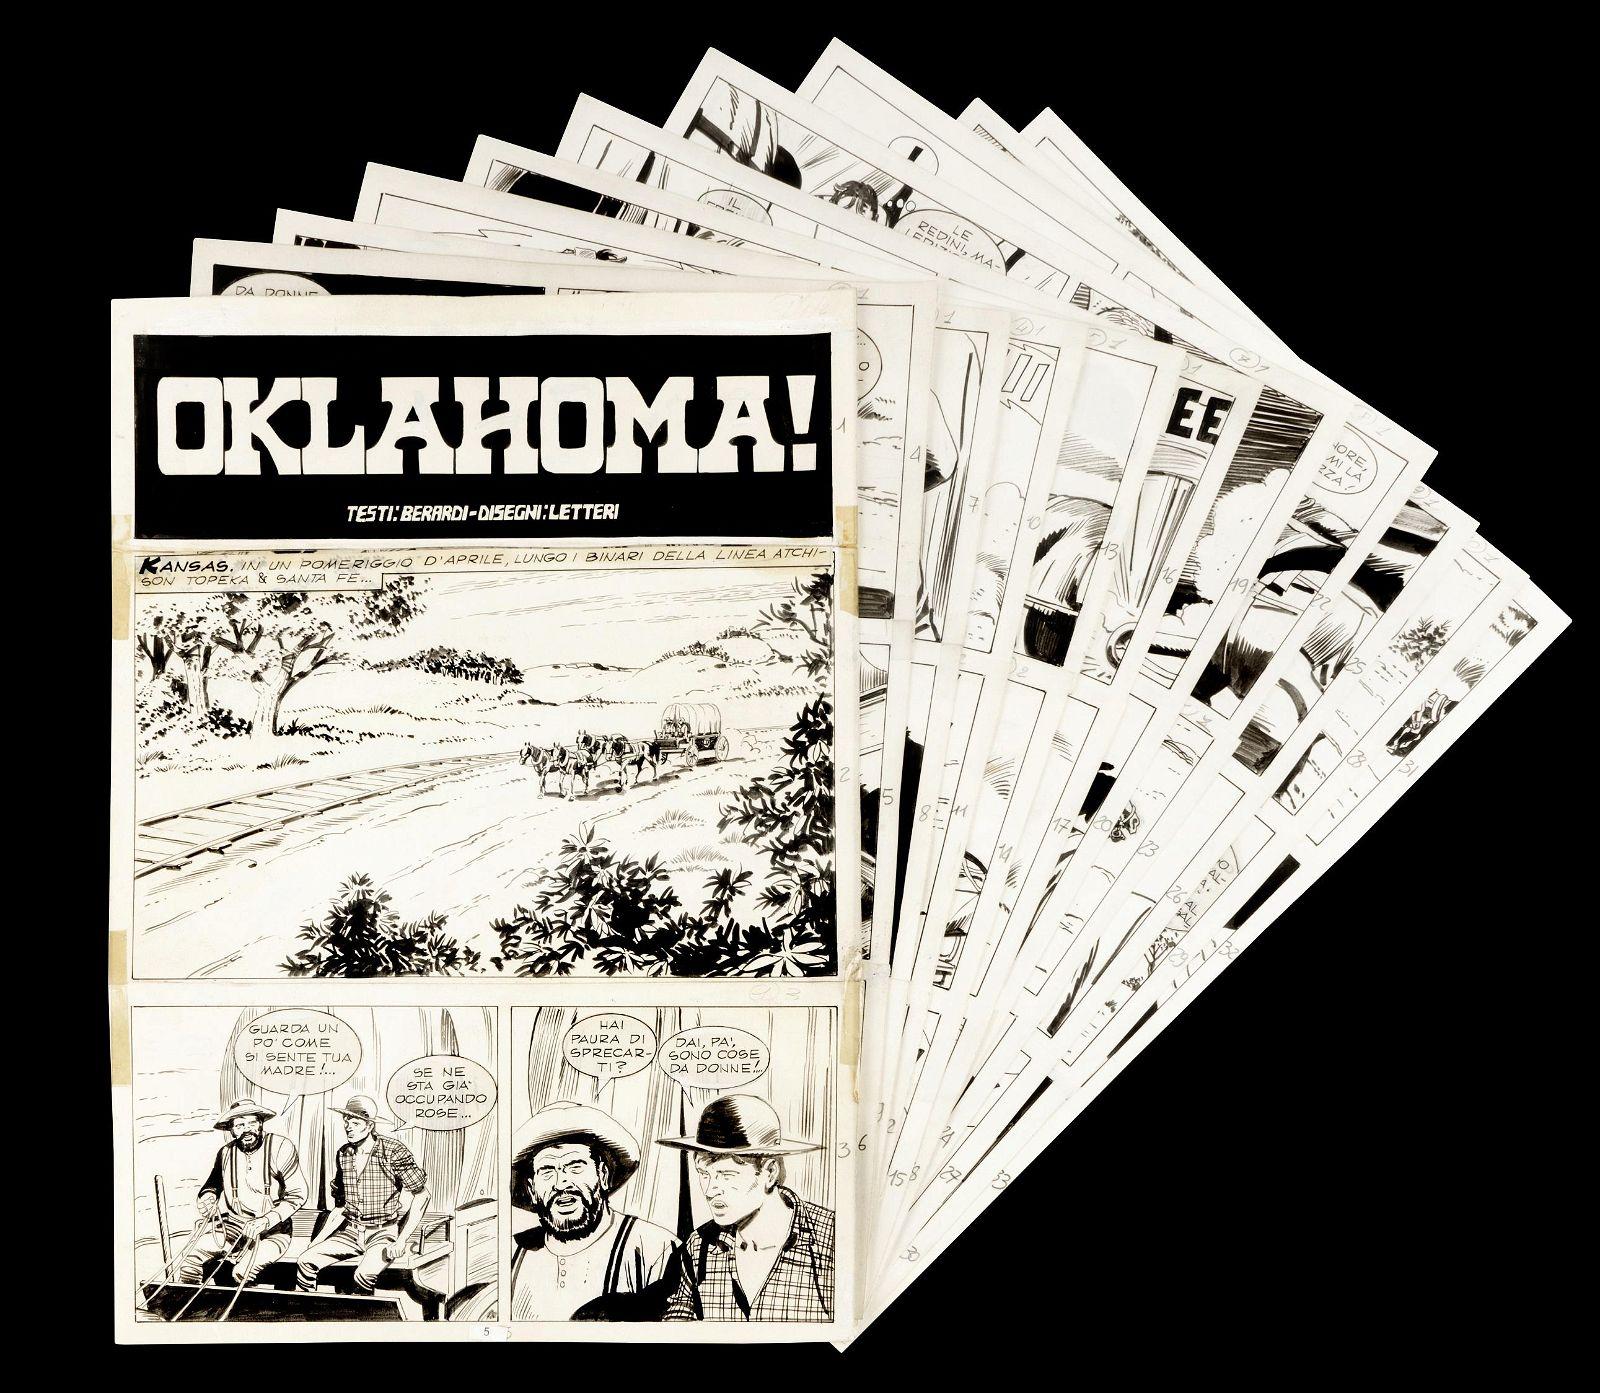 """Letteri Guglielmo - """"Tex - Oklahoma!"""", 1991"""